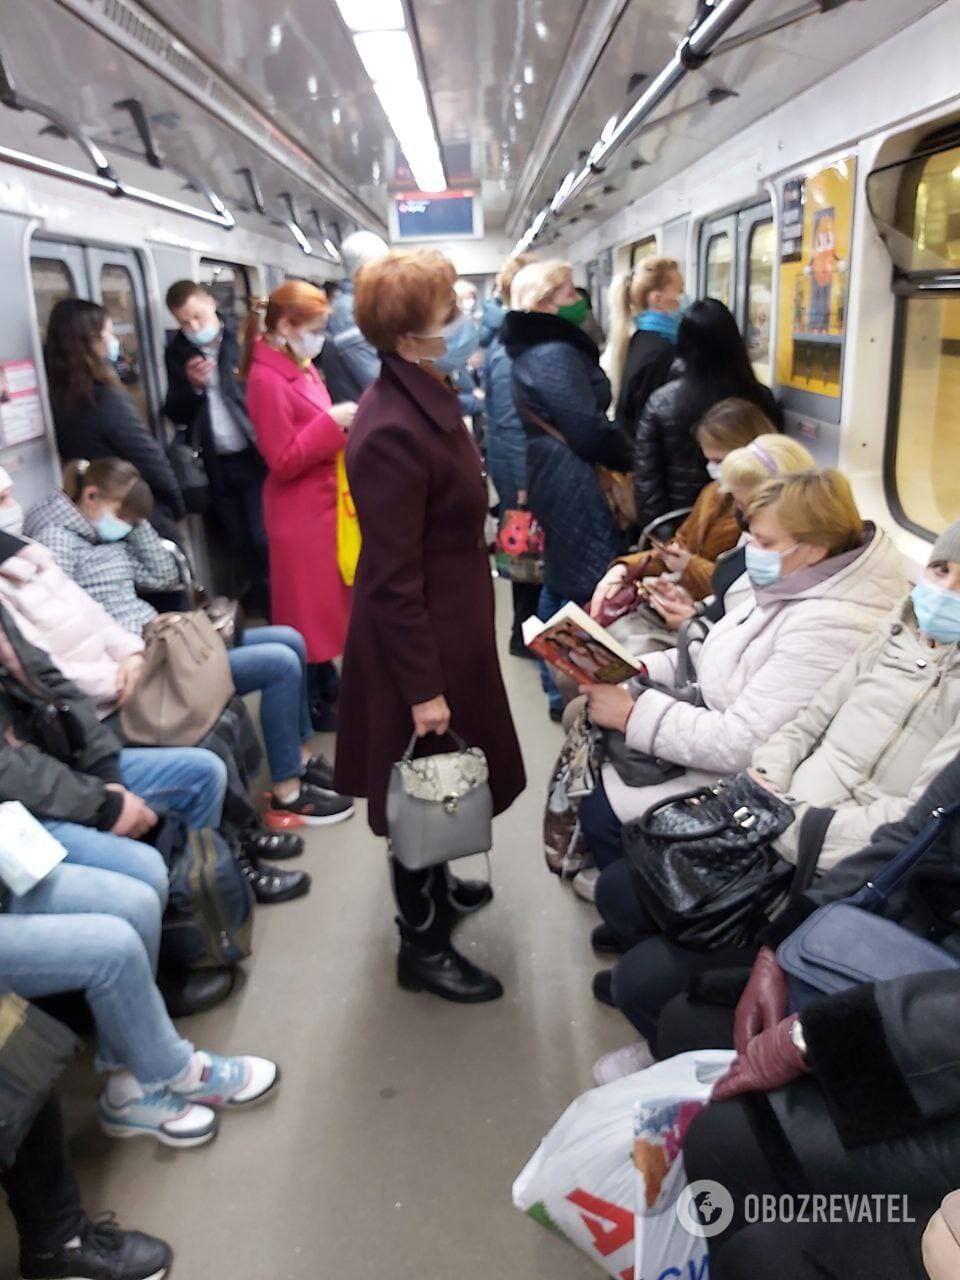 Многие люди желают получить доступ в общественный транспорт, несмотря на локдаун.